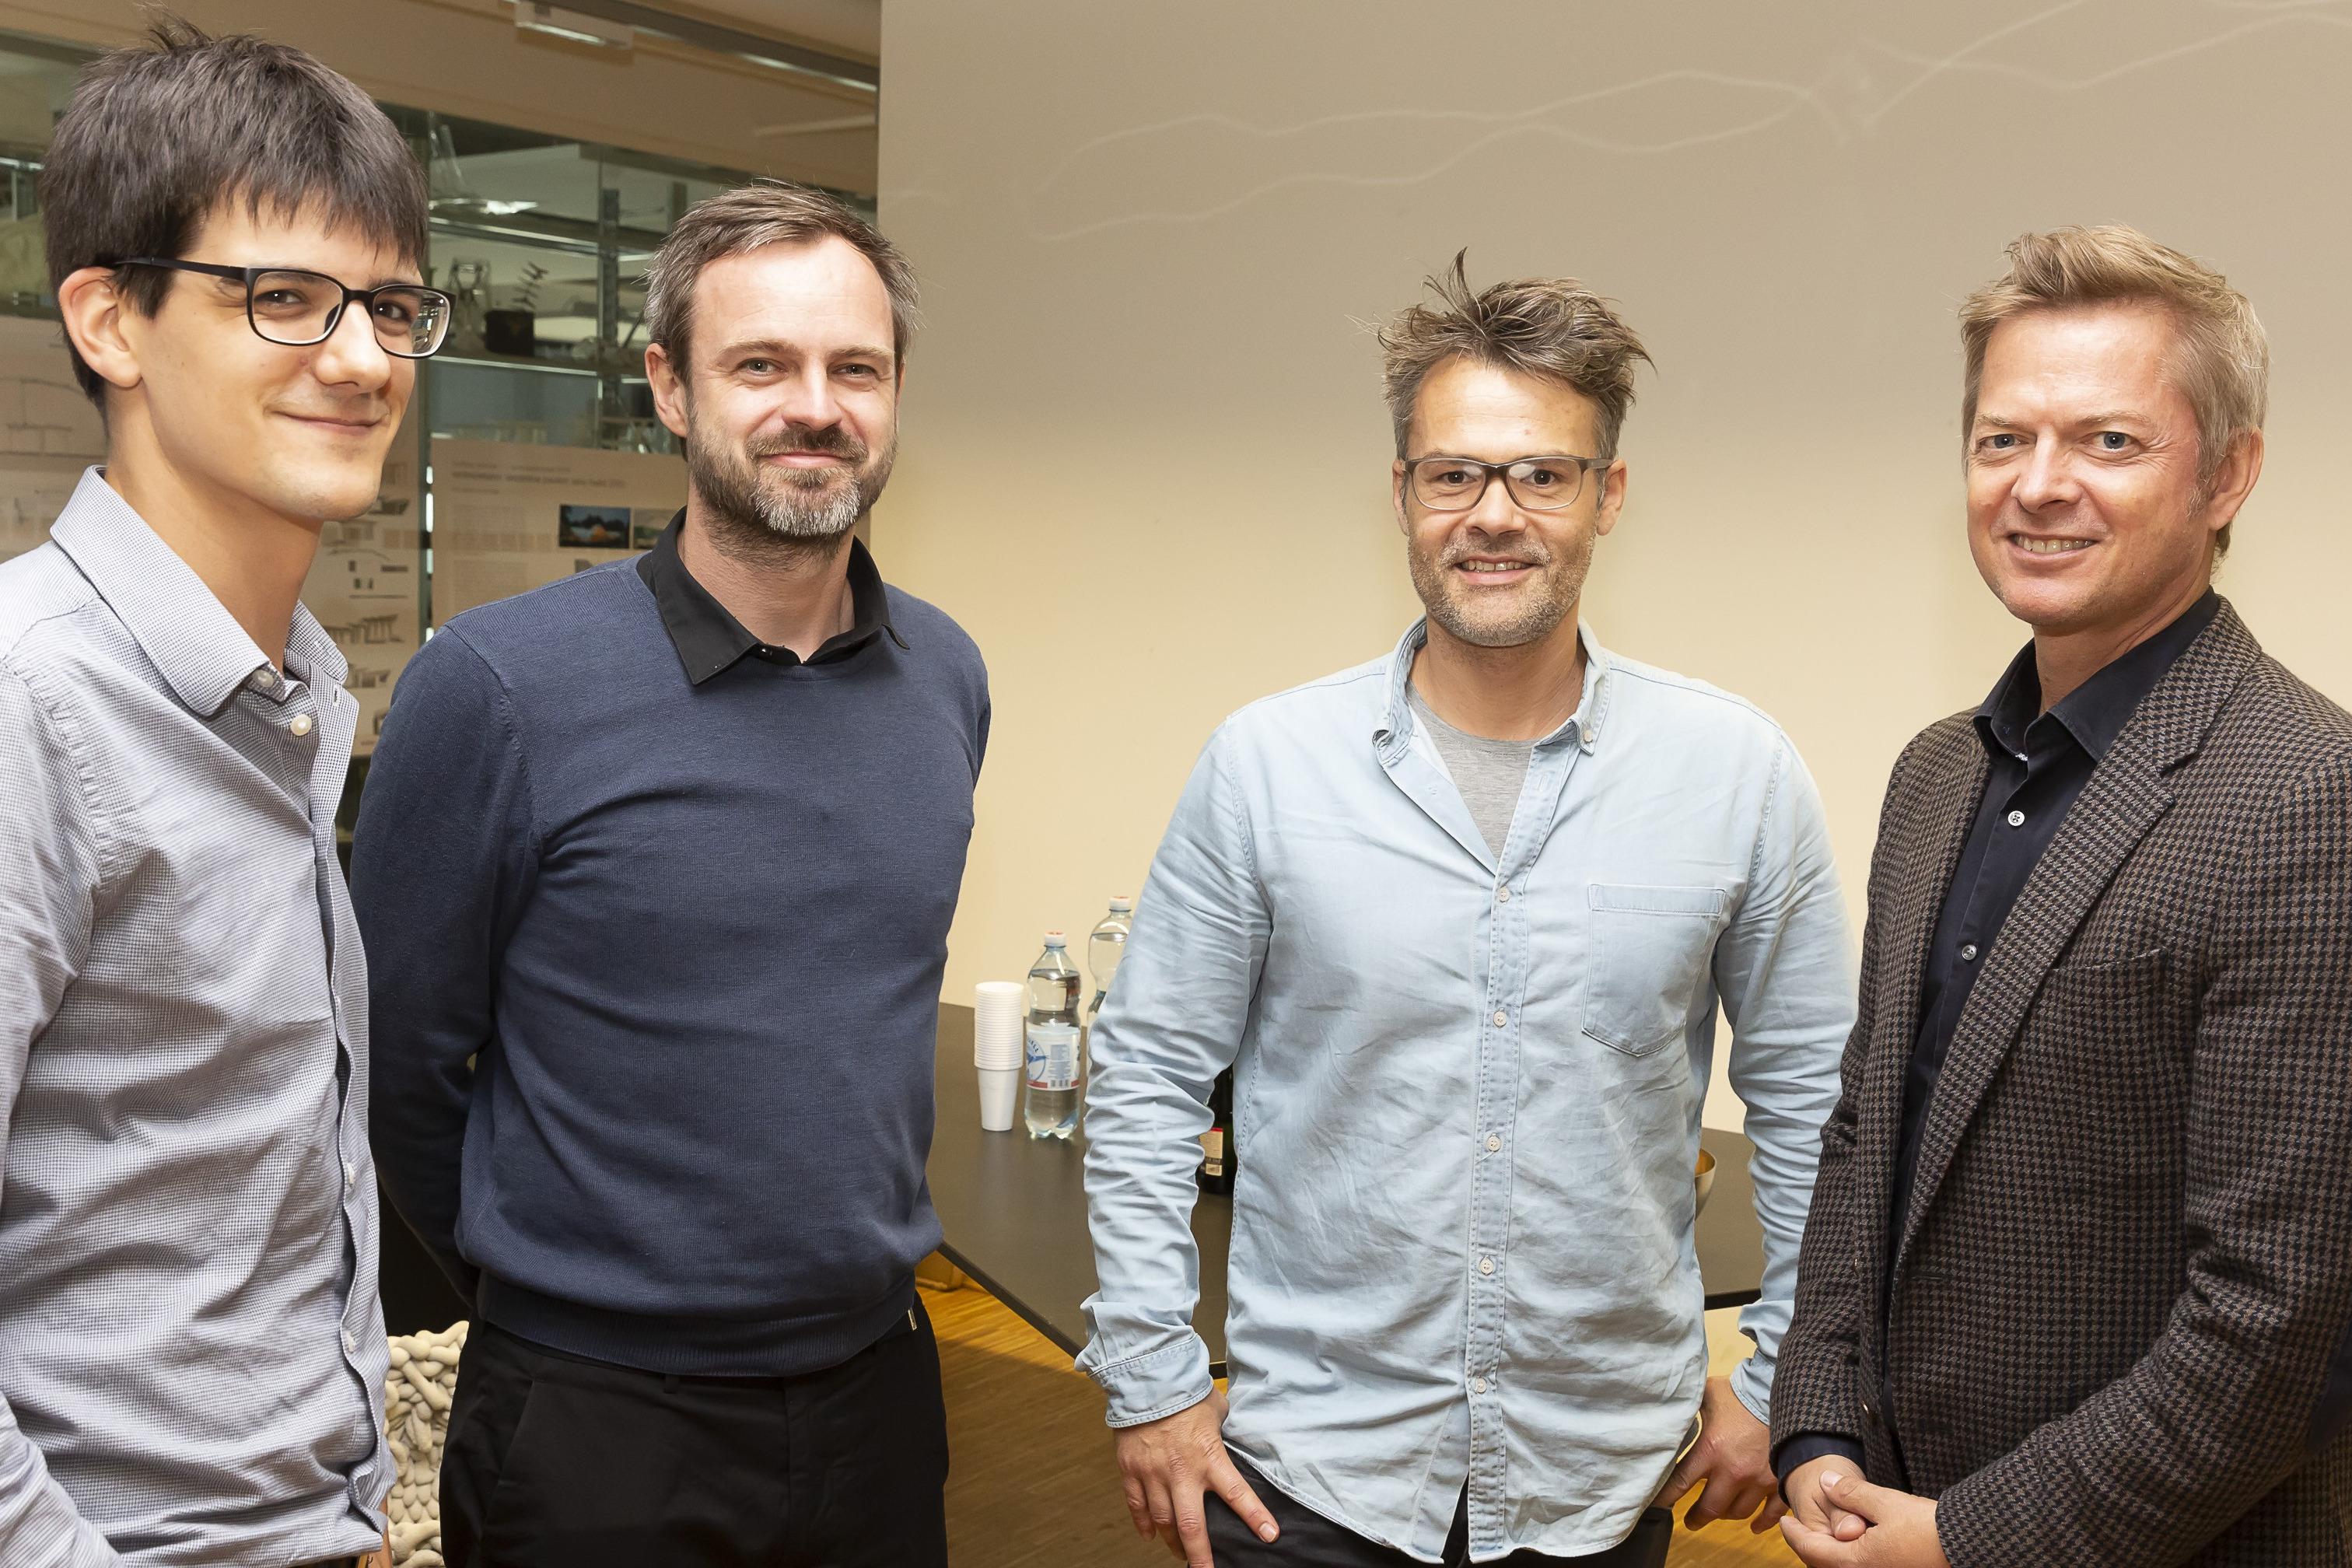 (v.l.) ATP-Experte Philipp Zimmermann zusammen mit Peter Massin und Thomas Mathoy (Lehrende am Institut für experimentelle Architektur und Hochbau) sowie ATP Associate Partner Martin Lukasser bei der Abschlusspräsentation. Foto: ATP/Rauschmeir<br><span class='image_copyright'>ATP/Rauschmeir</span><br>